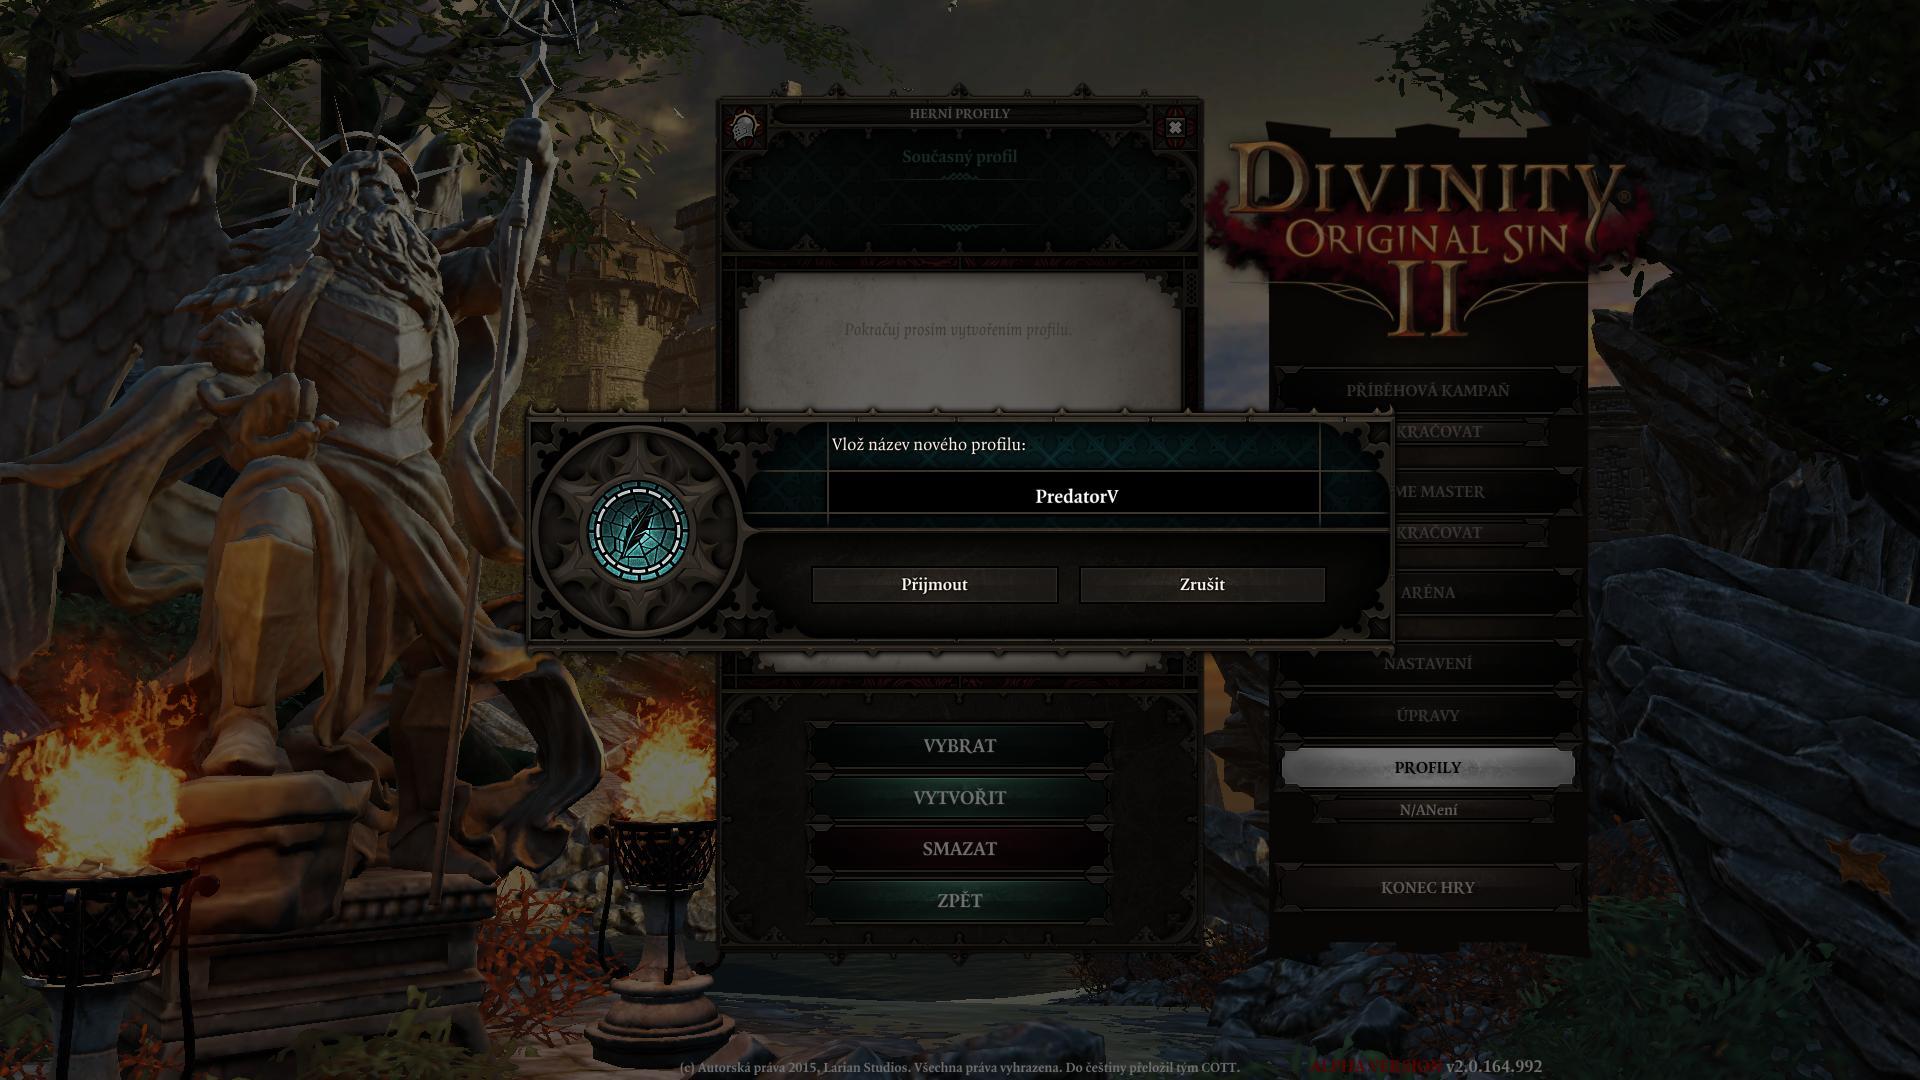 Zahájen překlad Divinity: Original Sin 2 130919